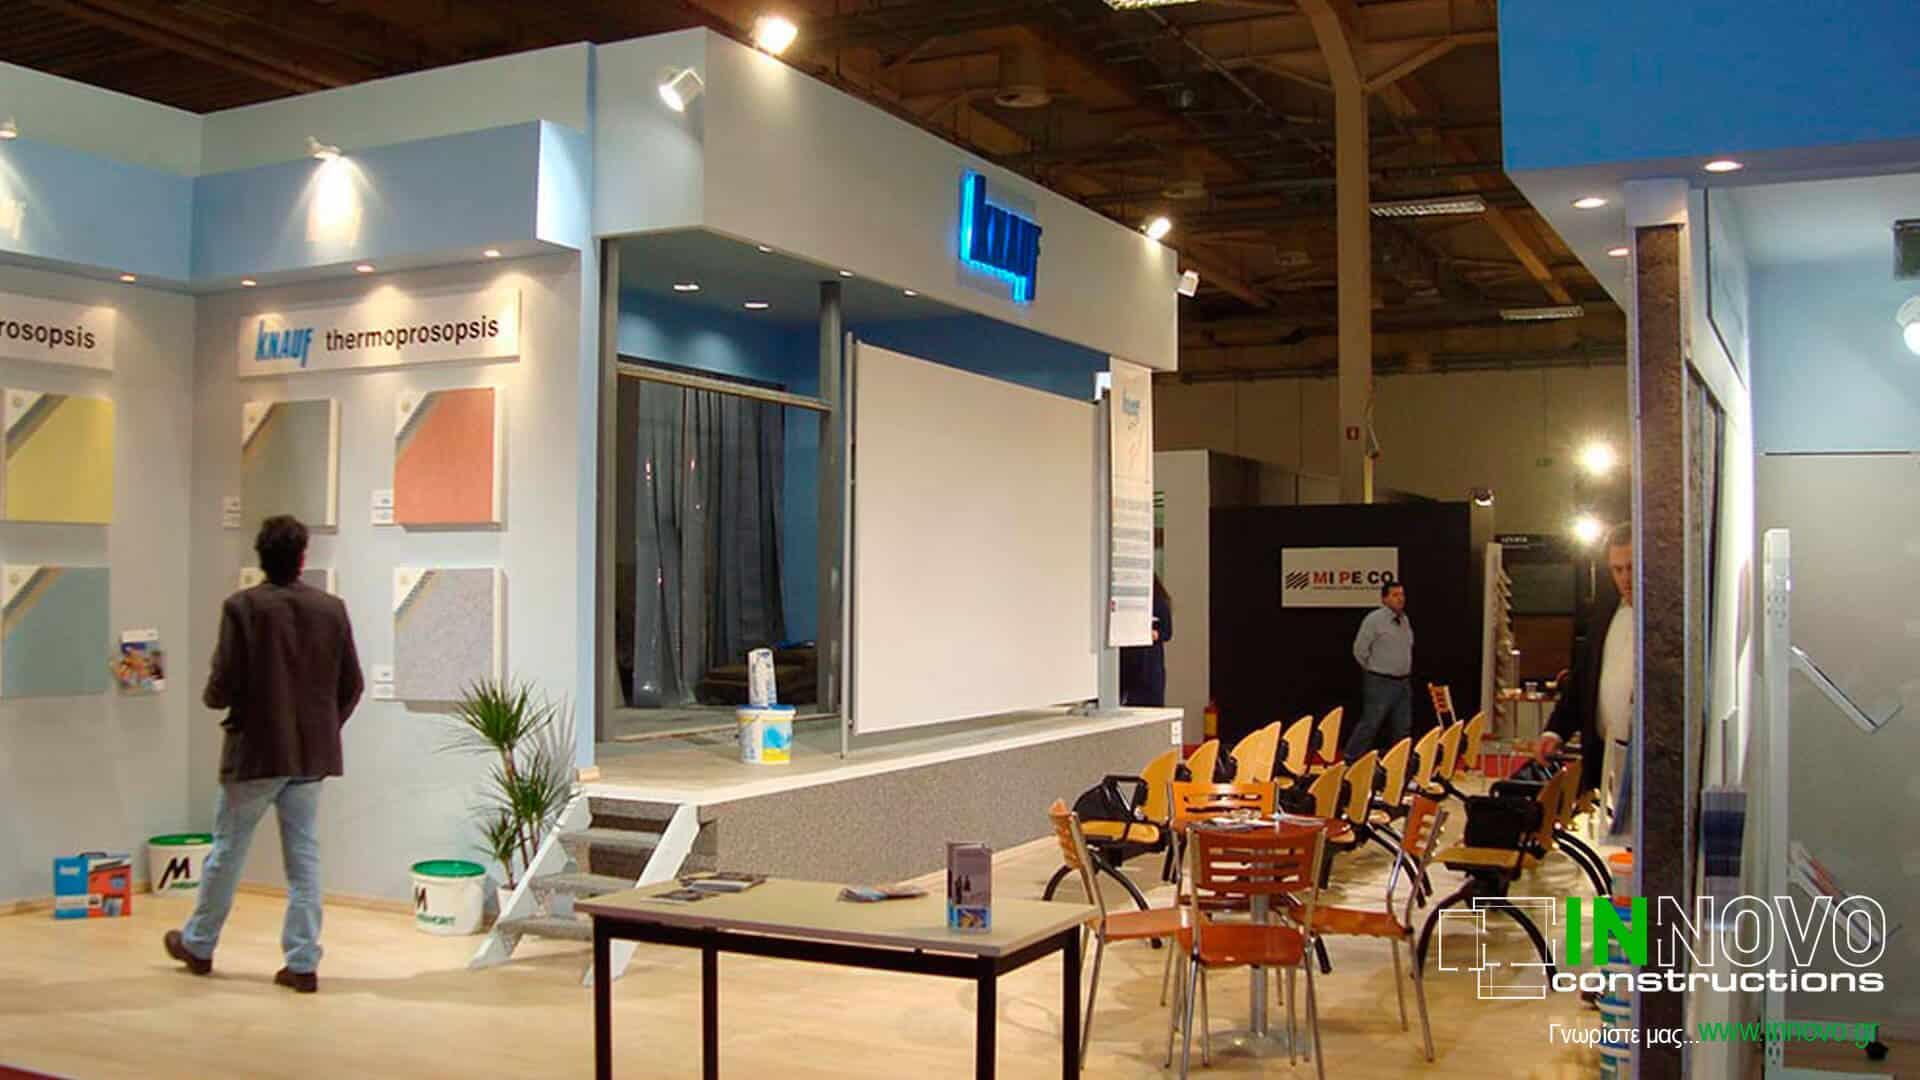 kataskevi-peripterou-exhibition-stand-construction-periptero-knauf